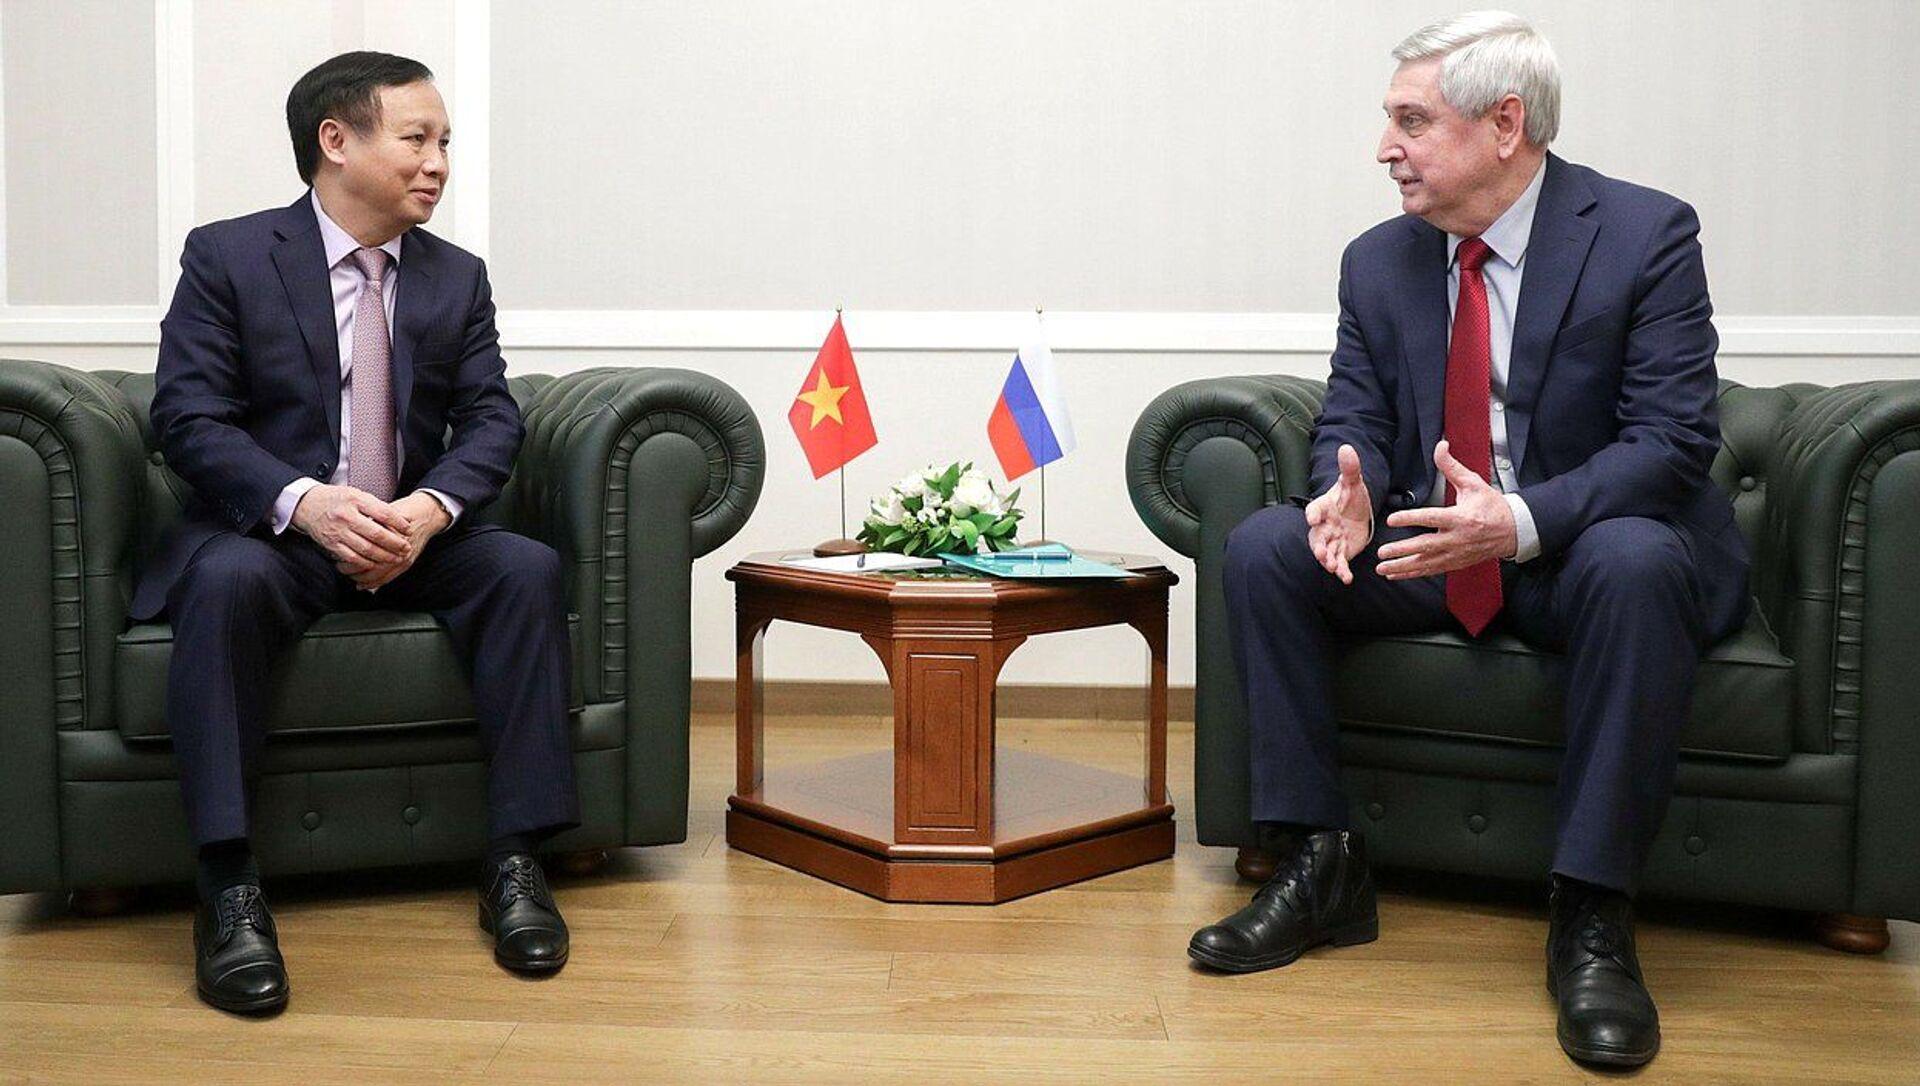 Phó Chủ tịch thứ nhất Duma Quốc gia Ivan Melnikov và Đại sứ đặc mệnh toàn quyền Việt Nam tại Nga Ngô Đức Mạnh - Sputnik Việt Nam, 1920, 19.03.2021